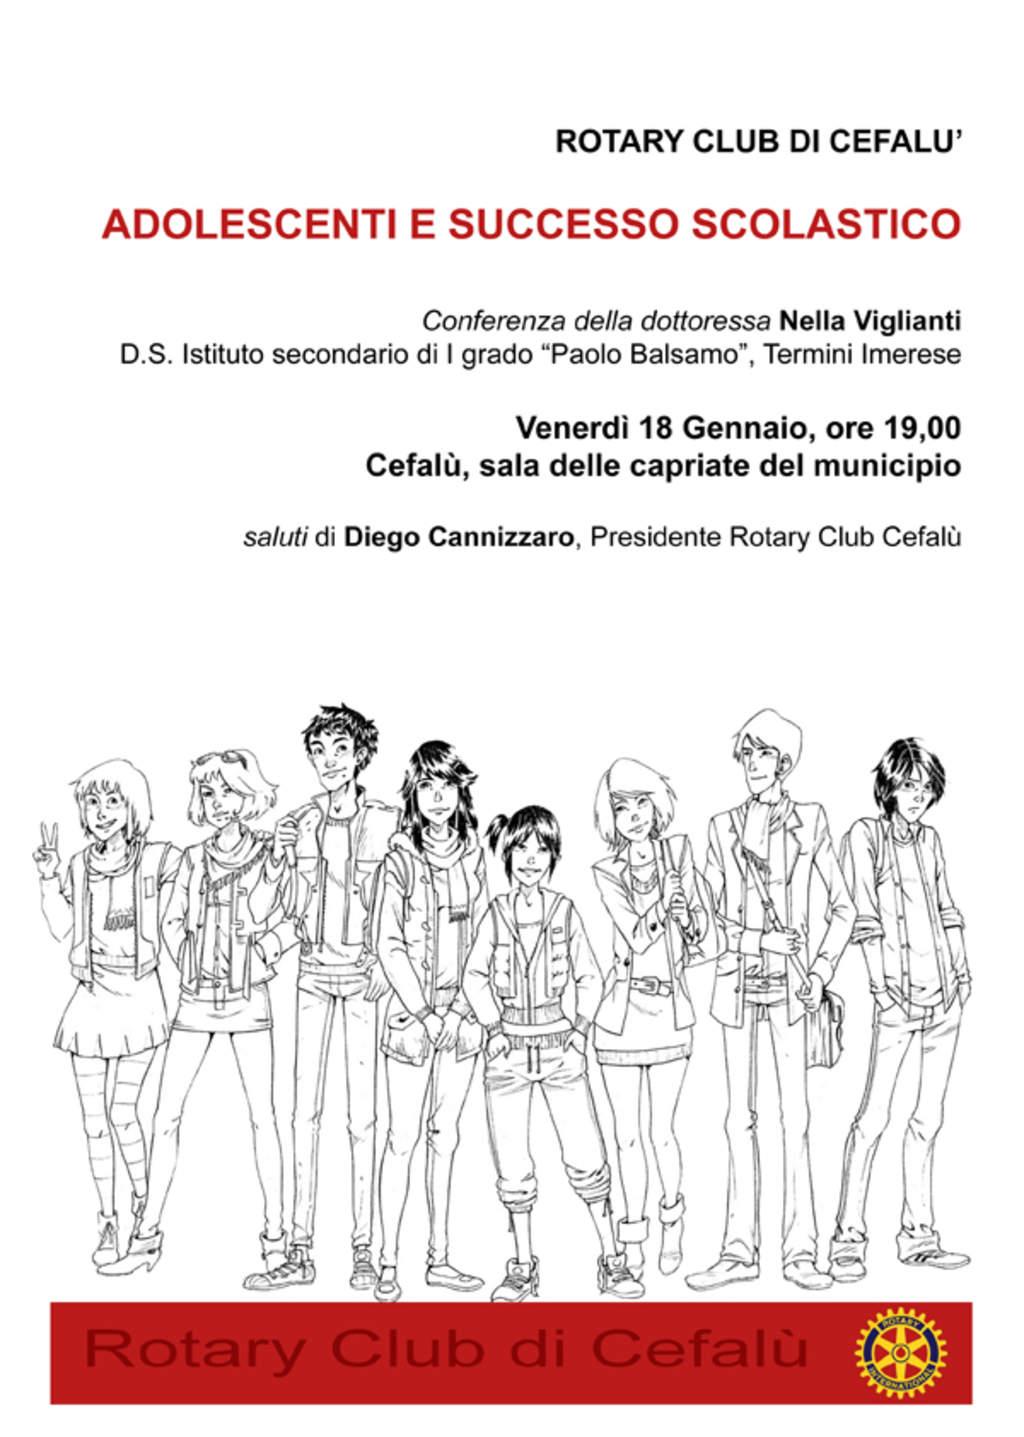 Adolescenti e successo scolastico: questo pomeriggio alle 19.00